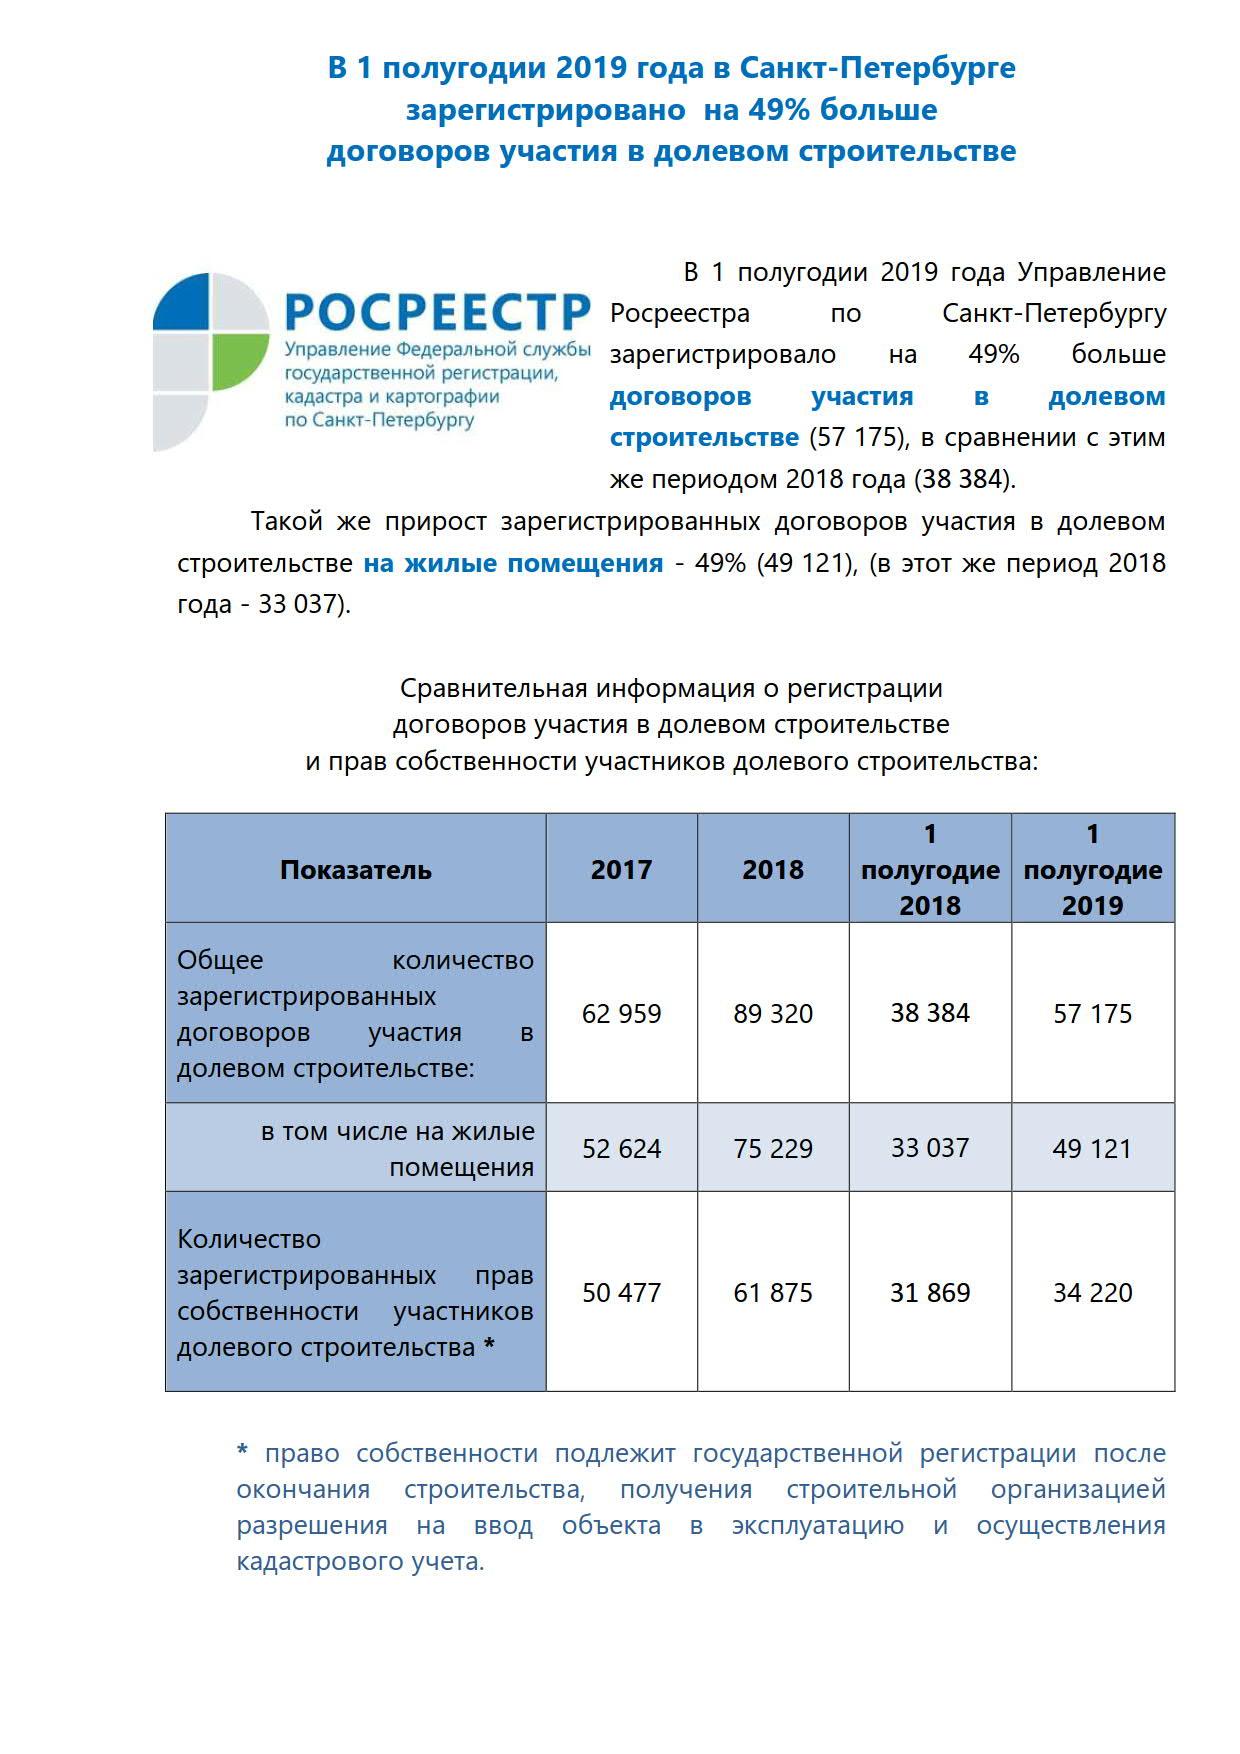 П-р Статистика_новое строительство 1 полугодие 2019_1